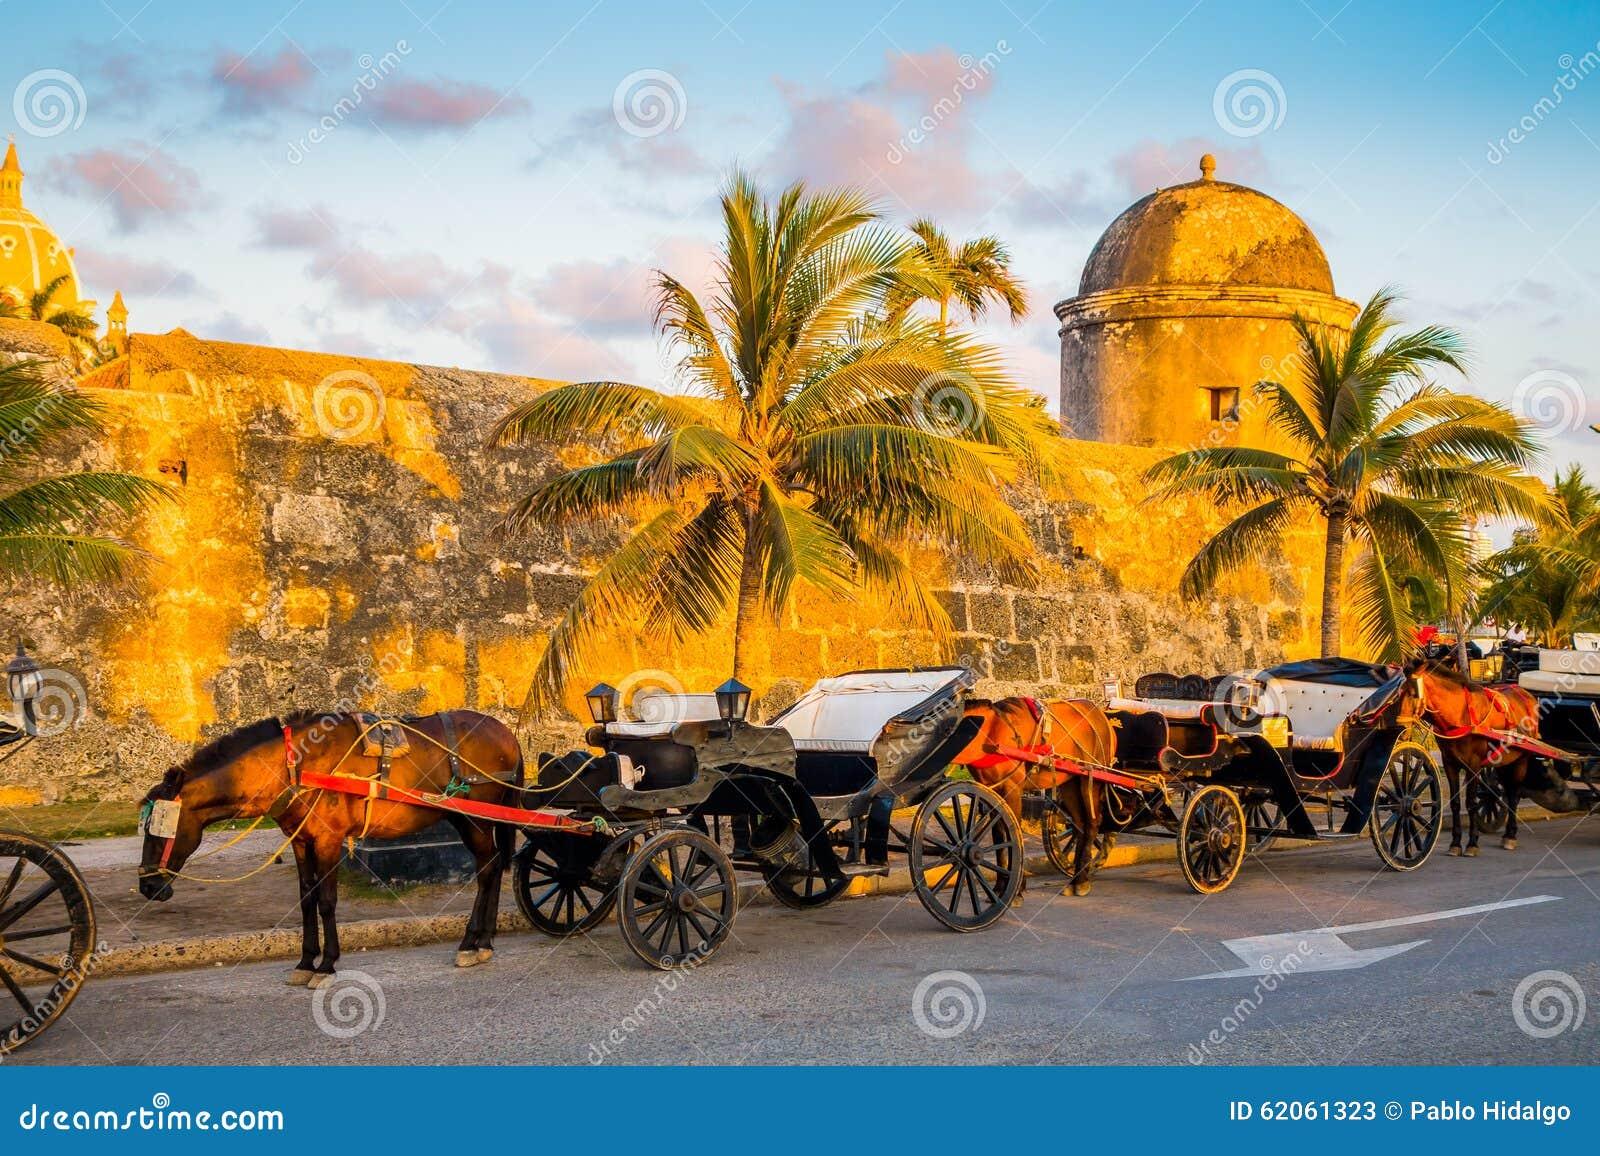 Transportes turísticos puxados a cavalo na cidade colonial espanhola histórica de Cartagena de Índia, Colômbia